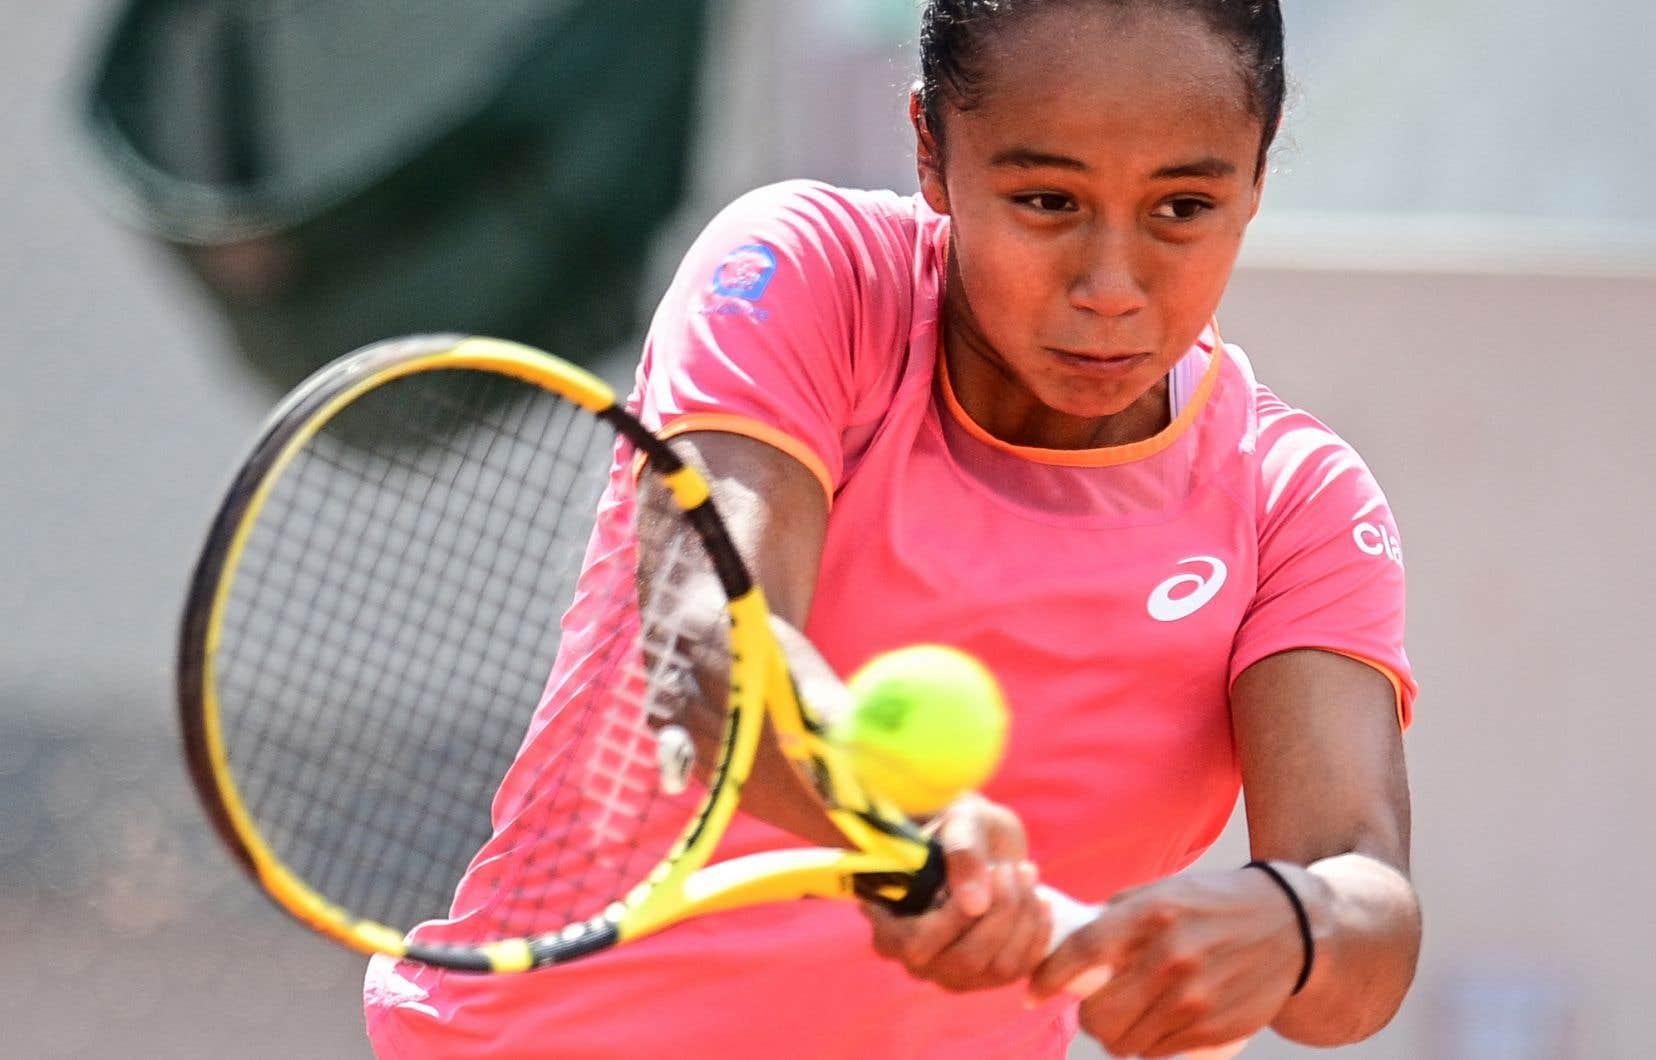 La Québécoise Leylah Annie Fernandez a été défaite 6-1, 7-5 par l'Américaine Madison Keys au deuxième tour des Internationaux de tennis de France, mercredi.